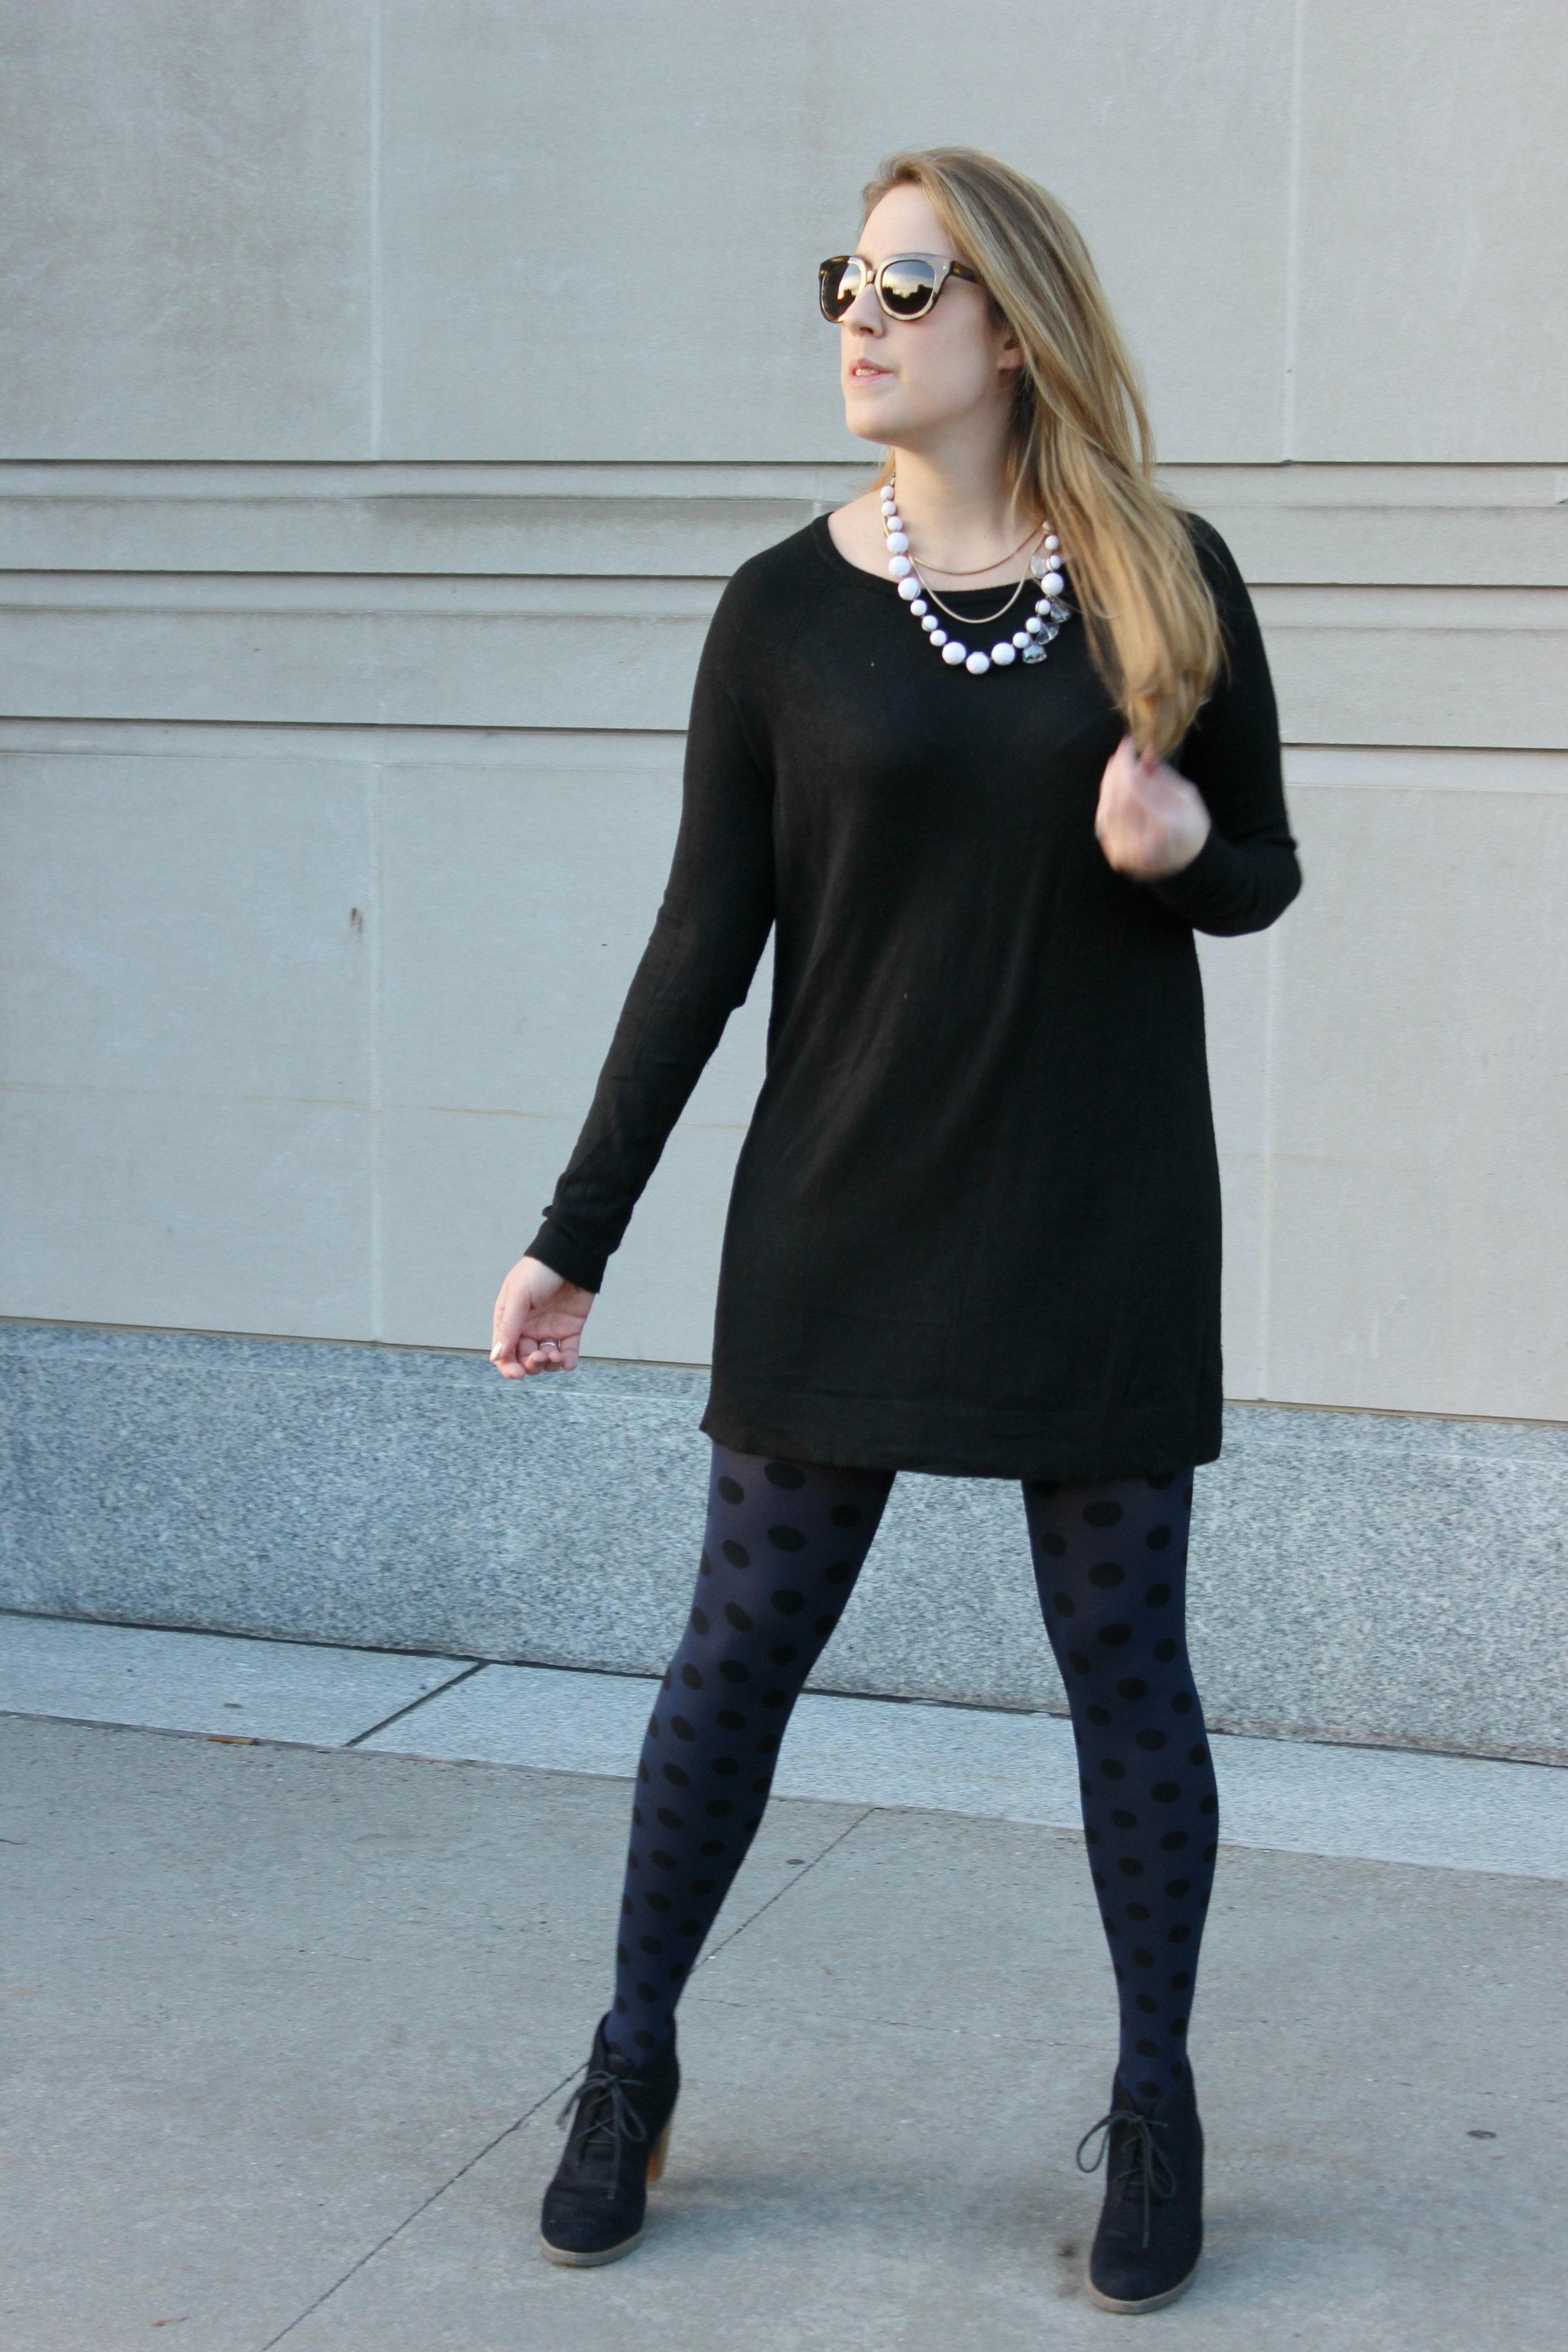 Wearing: Winter Date Night Sweater Dress